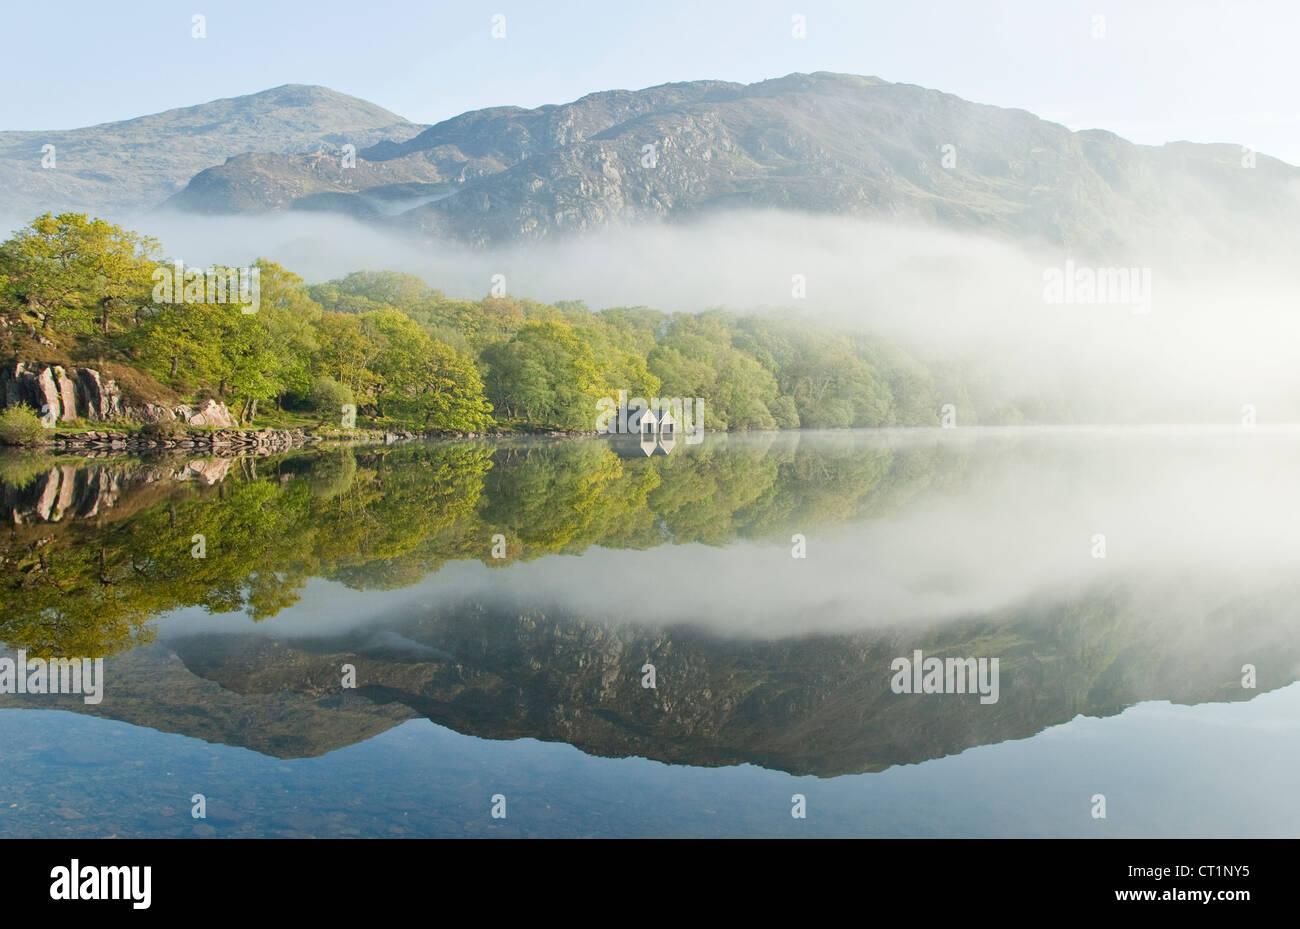 Le montagne al di sopra di un viale alberato a riva misty dawn su Llyn Dinas lago nella valle Nantgwynant Snowdonia Immagini Stock